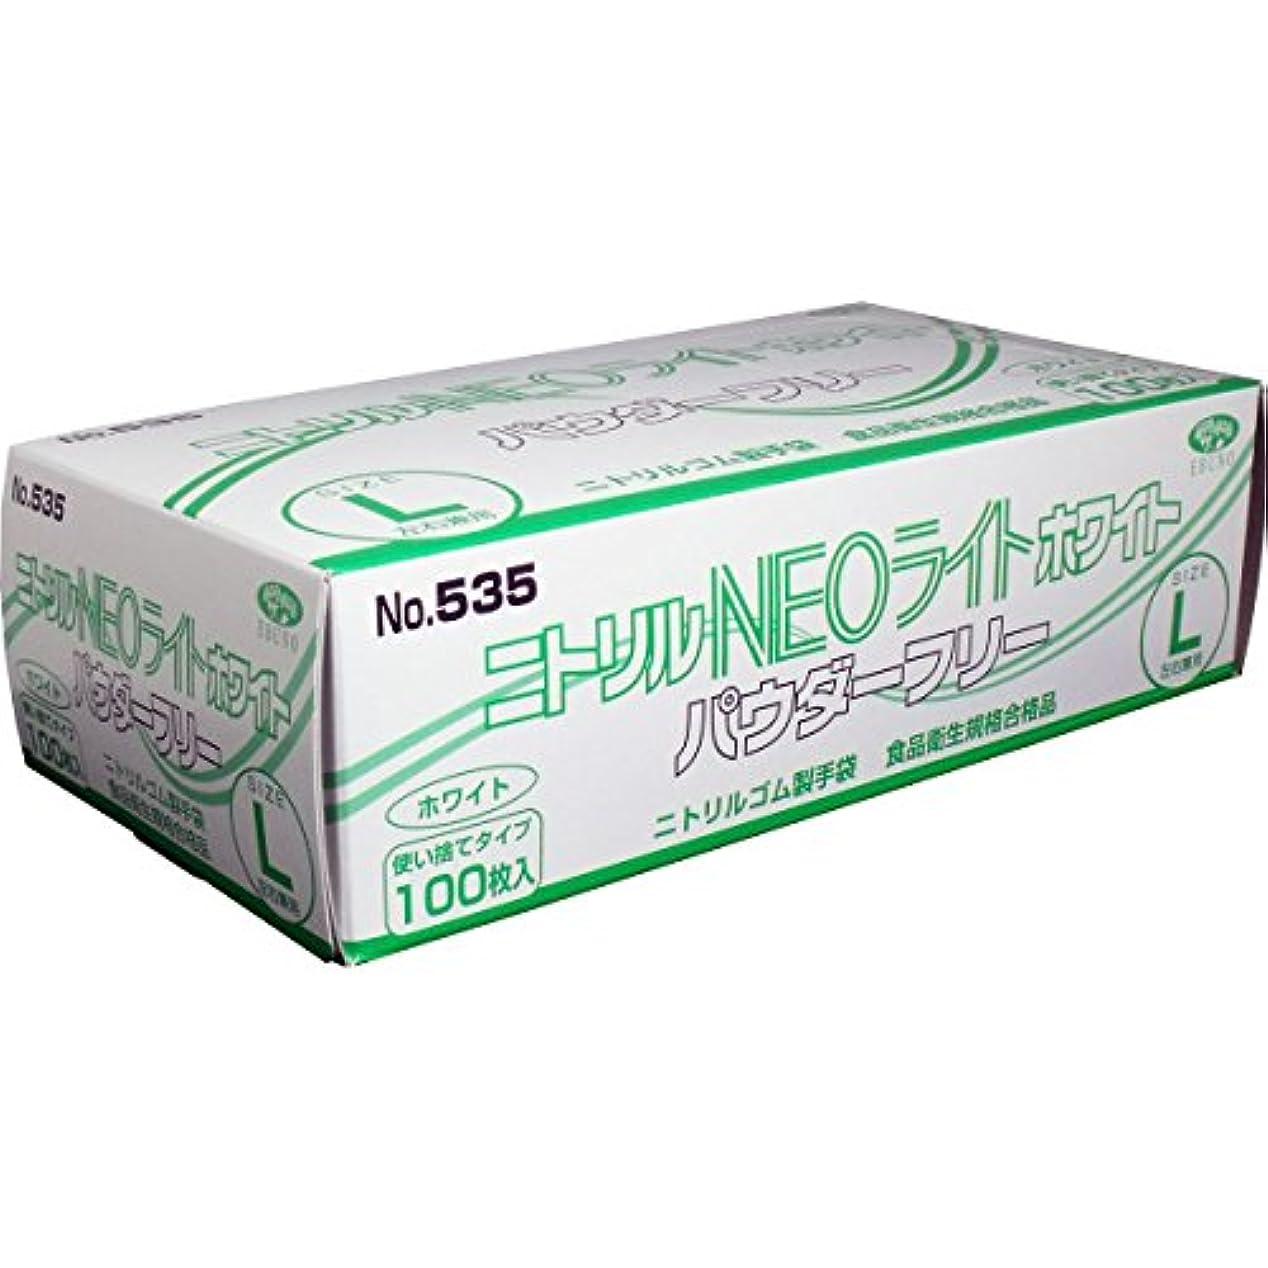 タックルたるみキャンセルニトリル手袋 NEOライト パウダーフリー ホワイト Lサイズ 100枚入(単品)